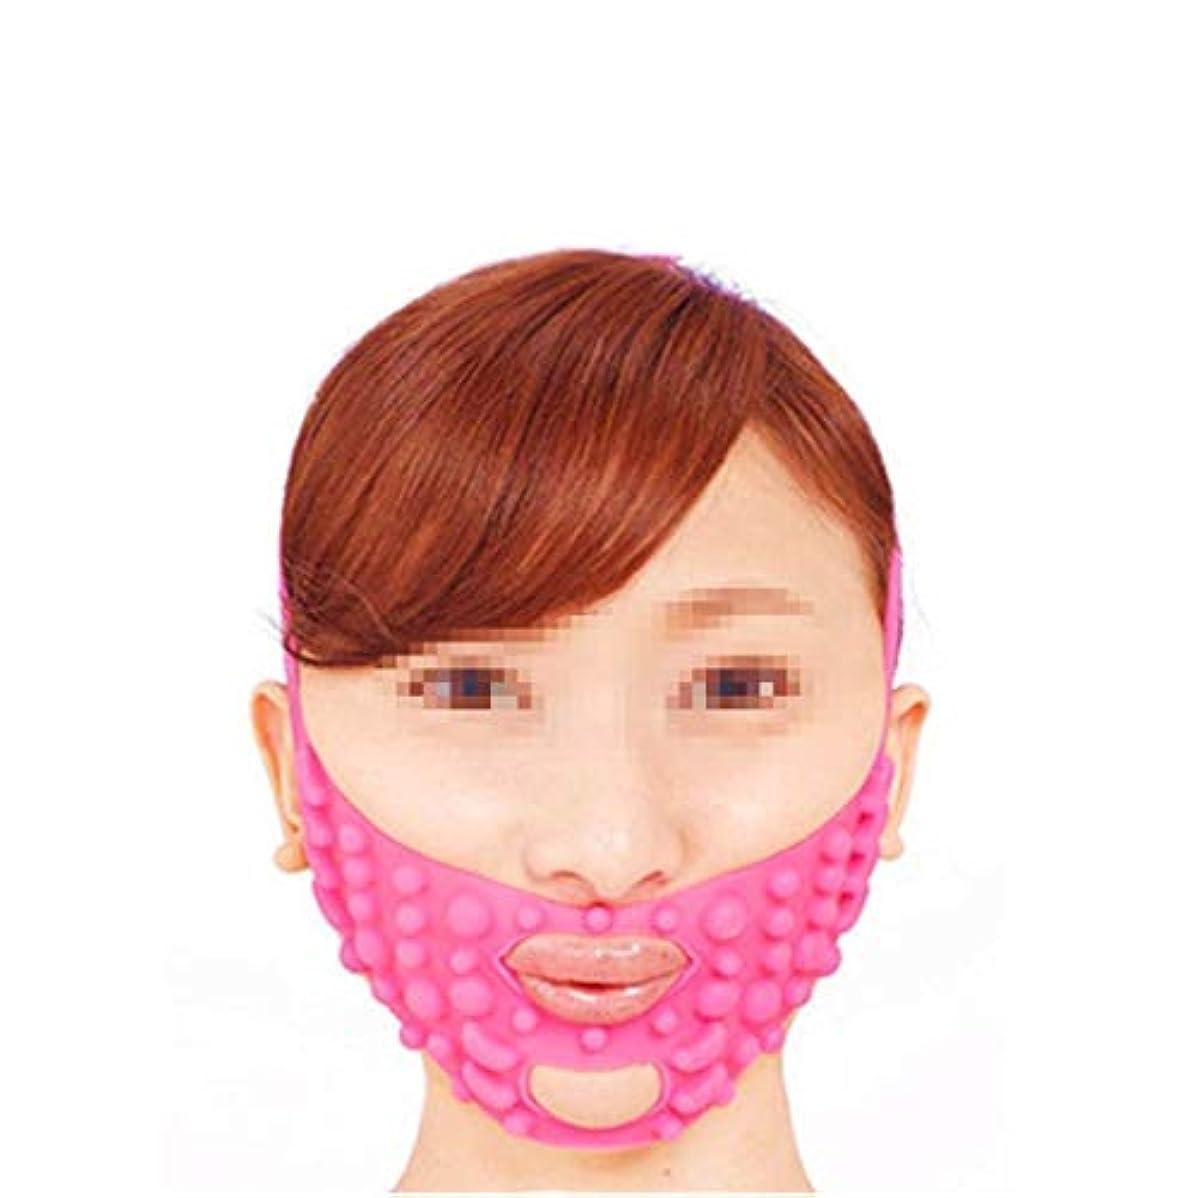 委任モーション句シリコンマッサージフェイスマスク、タイトな形の小さなVフェイスリフトから法令パターンのフェイスリフト包帯ピンク